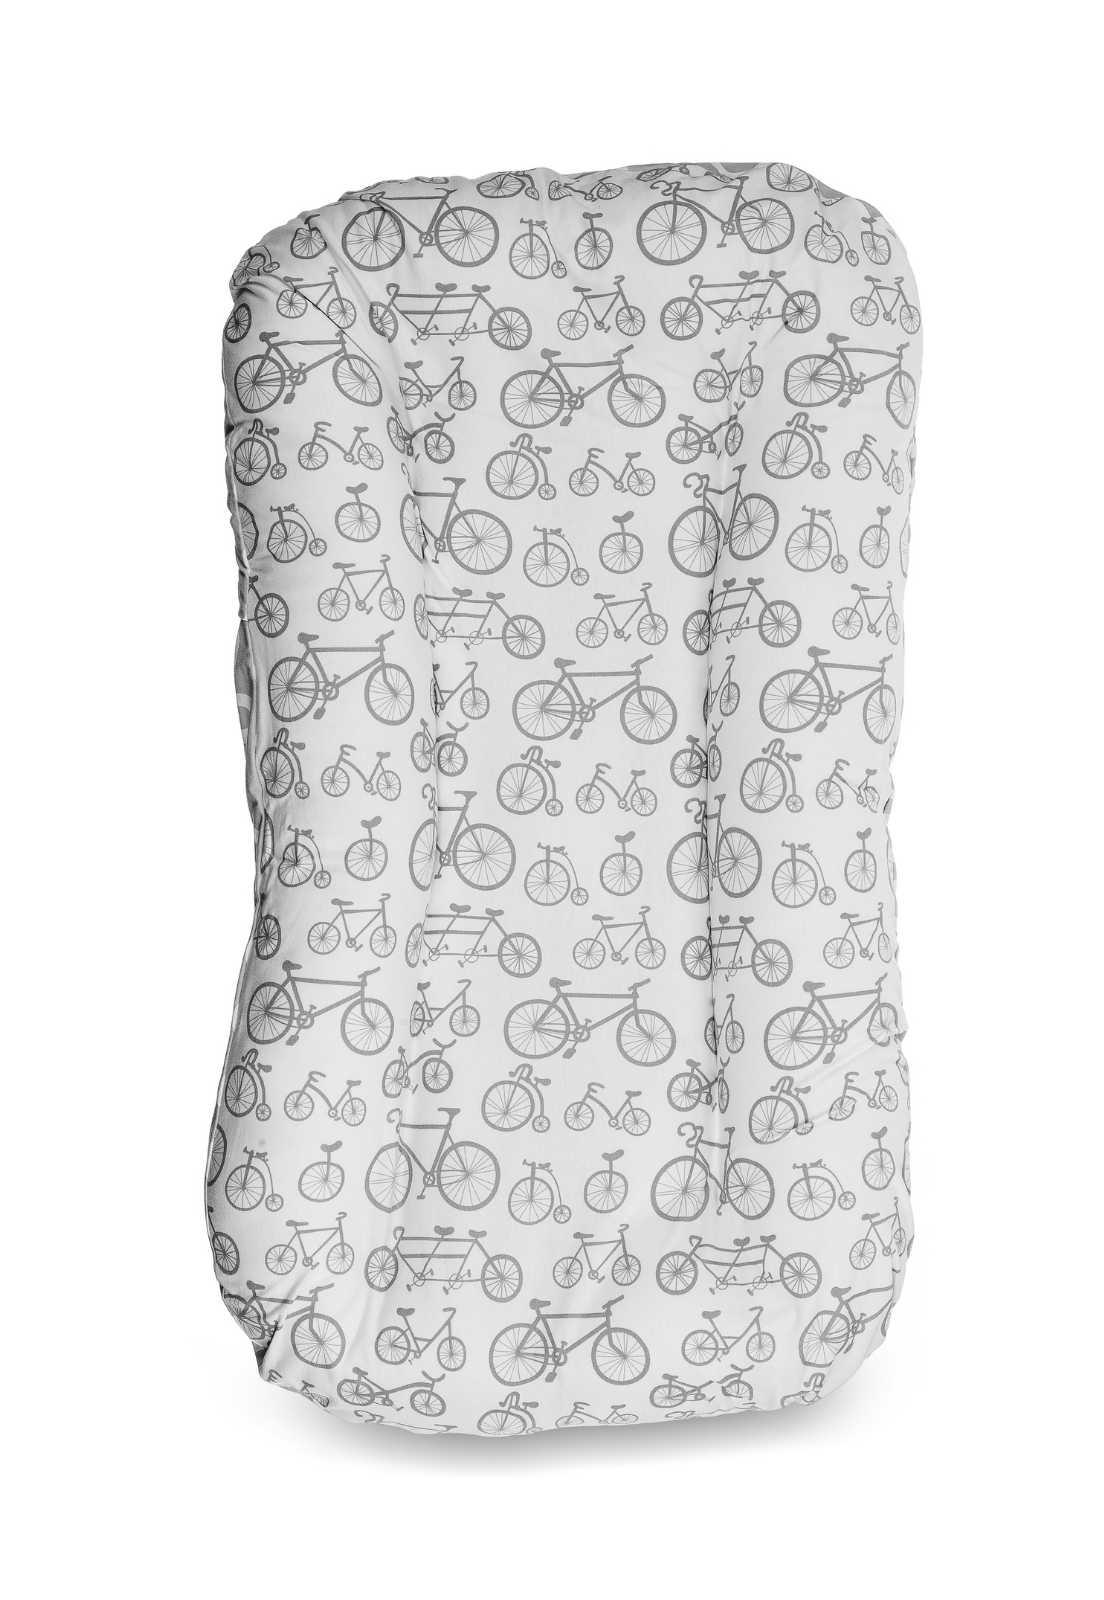 Capa de Ninho em Malha - Bicicleta Cinza e Branco